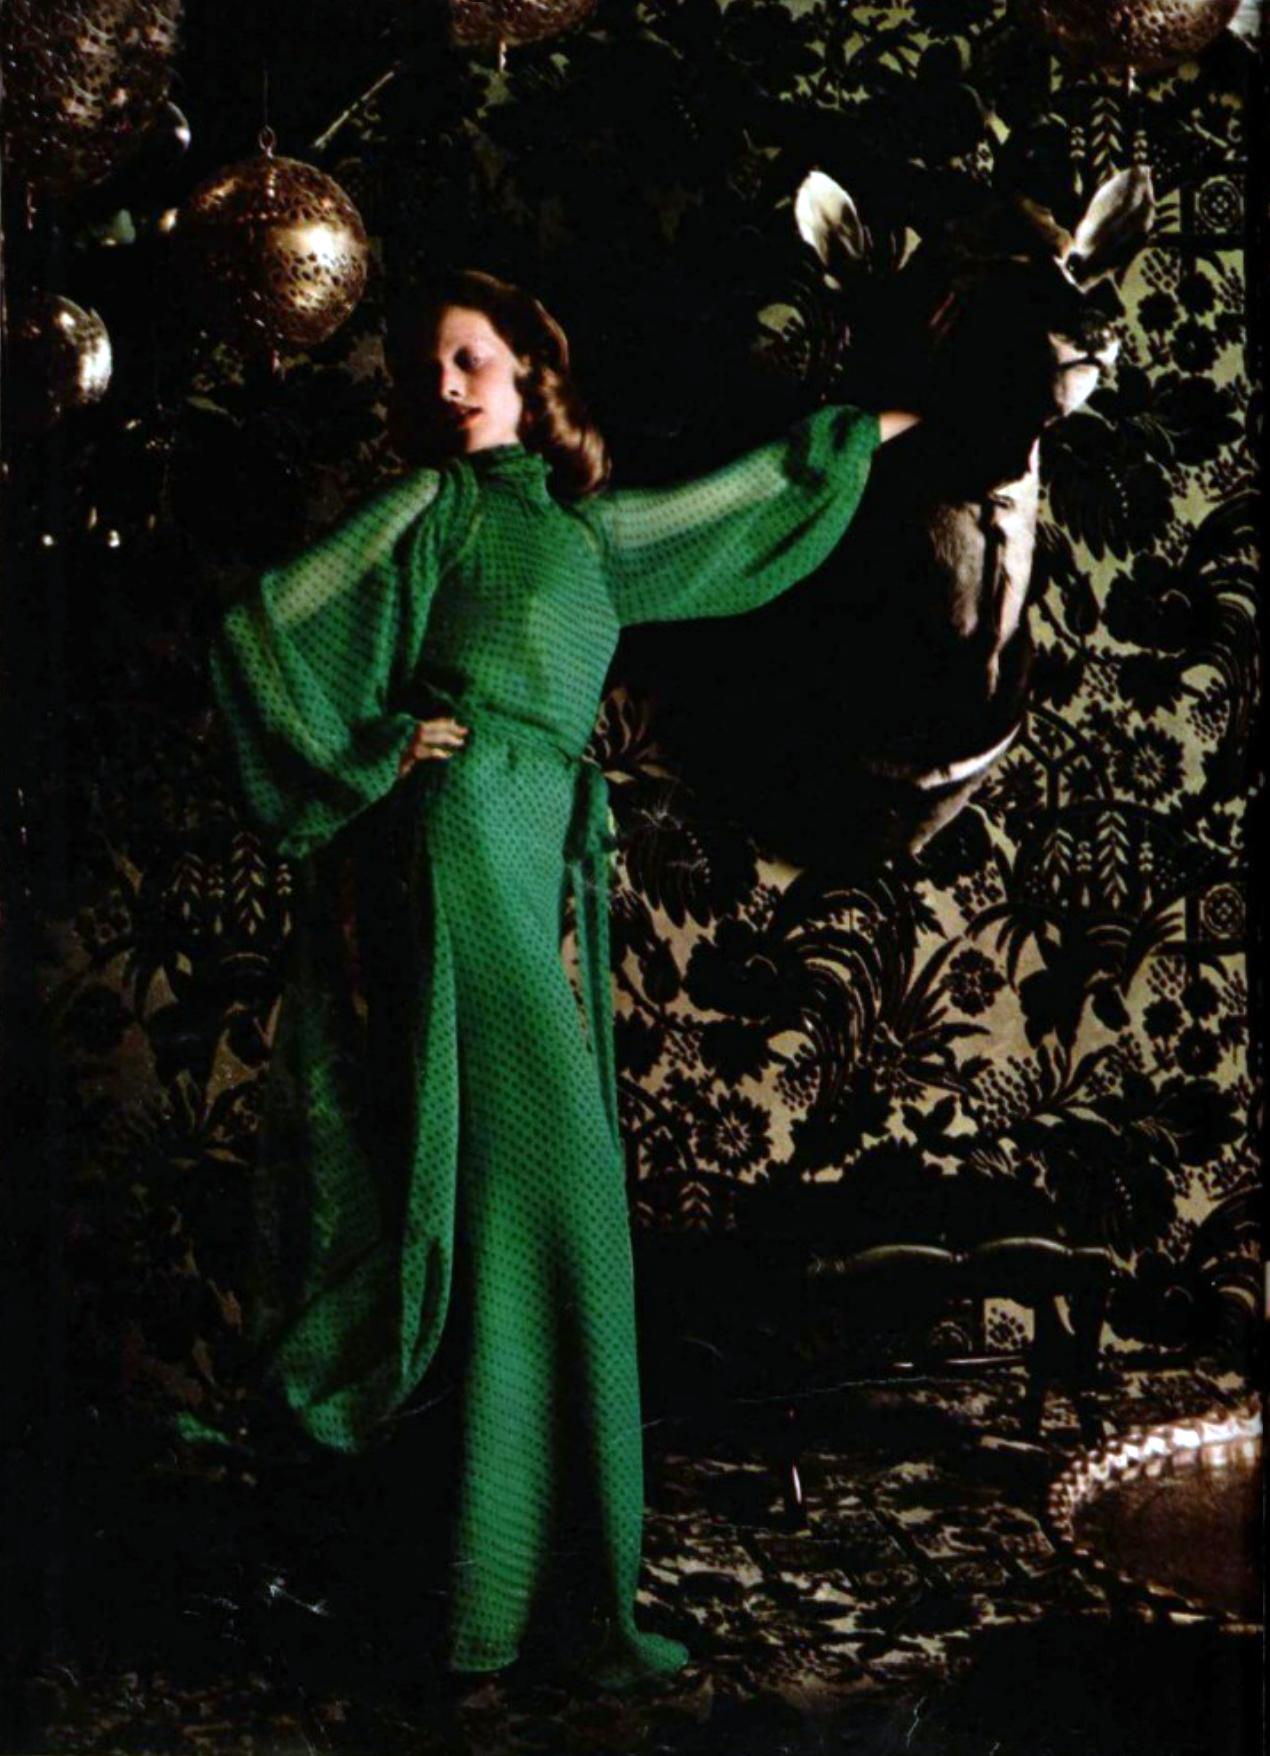 Yves Saint Laurent L'officiel magazine 1970s